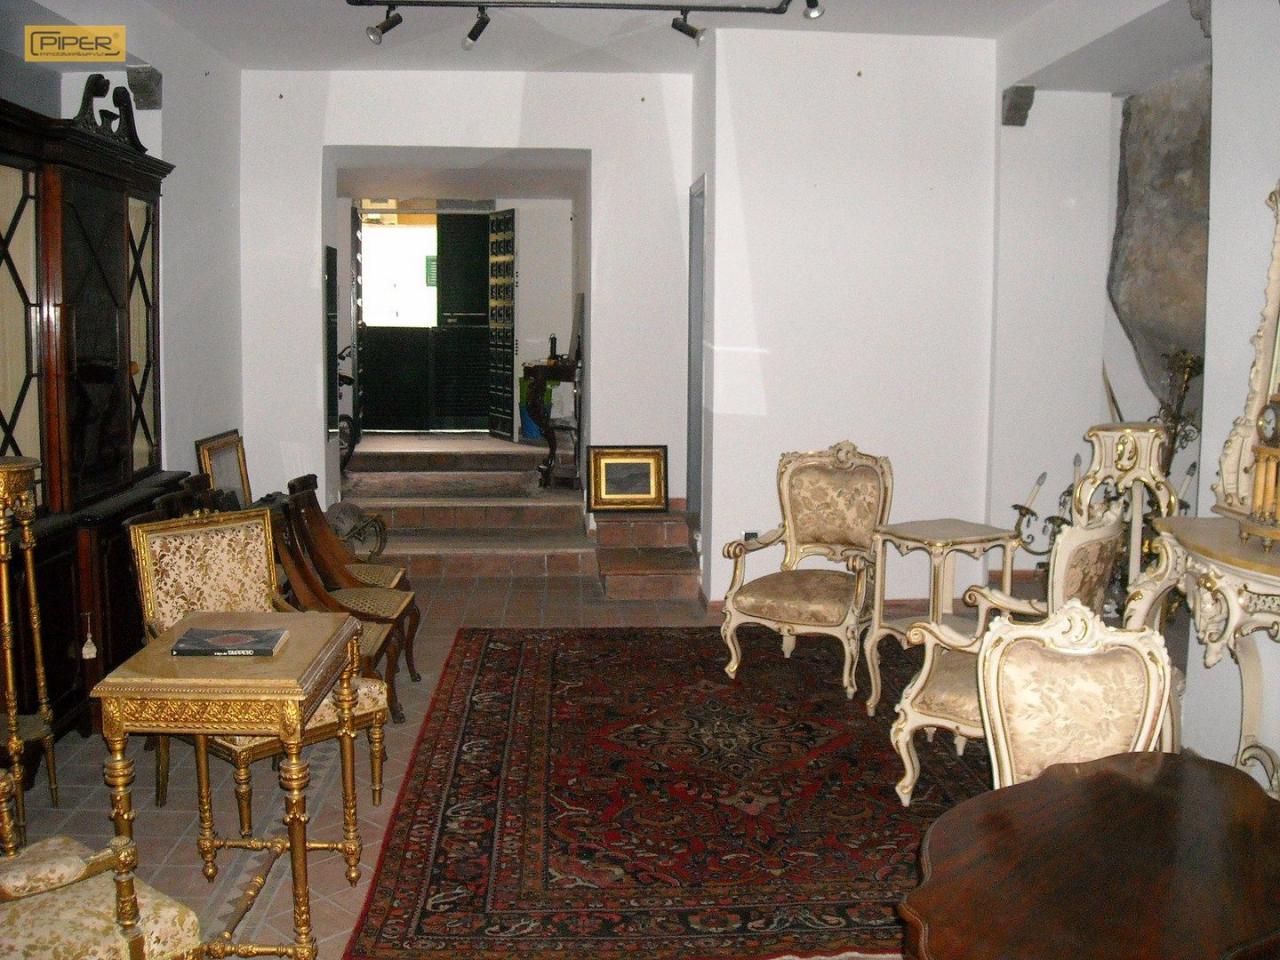 Appartamento in affitto a napoli chiaia via gaetani 1250 for Appartamento arredato napoli